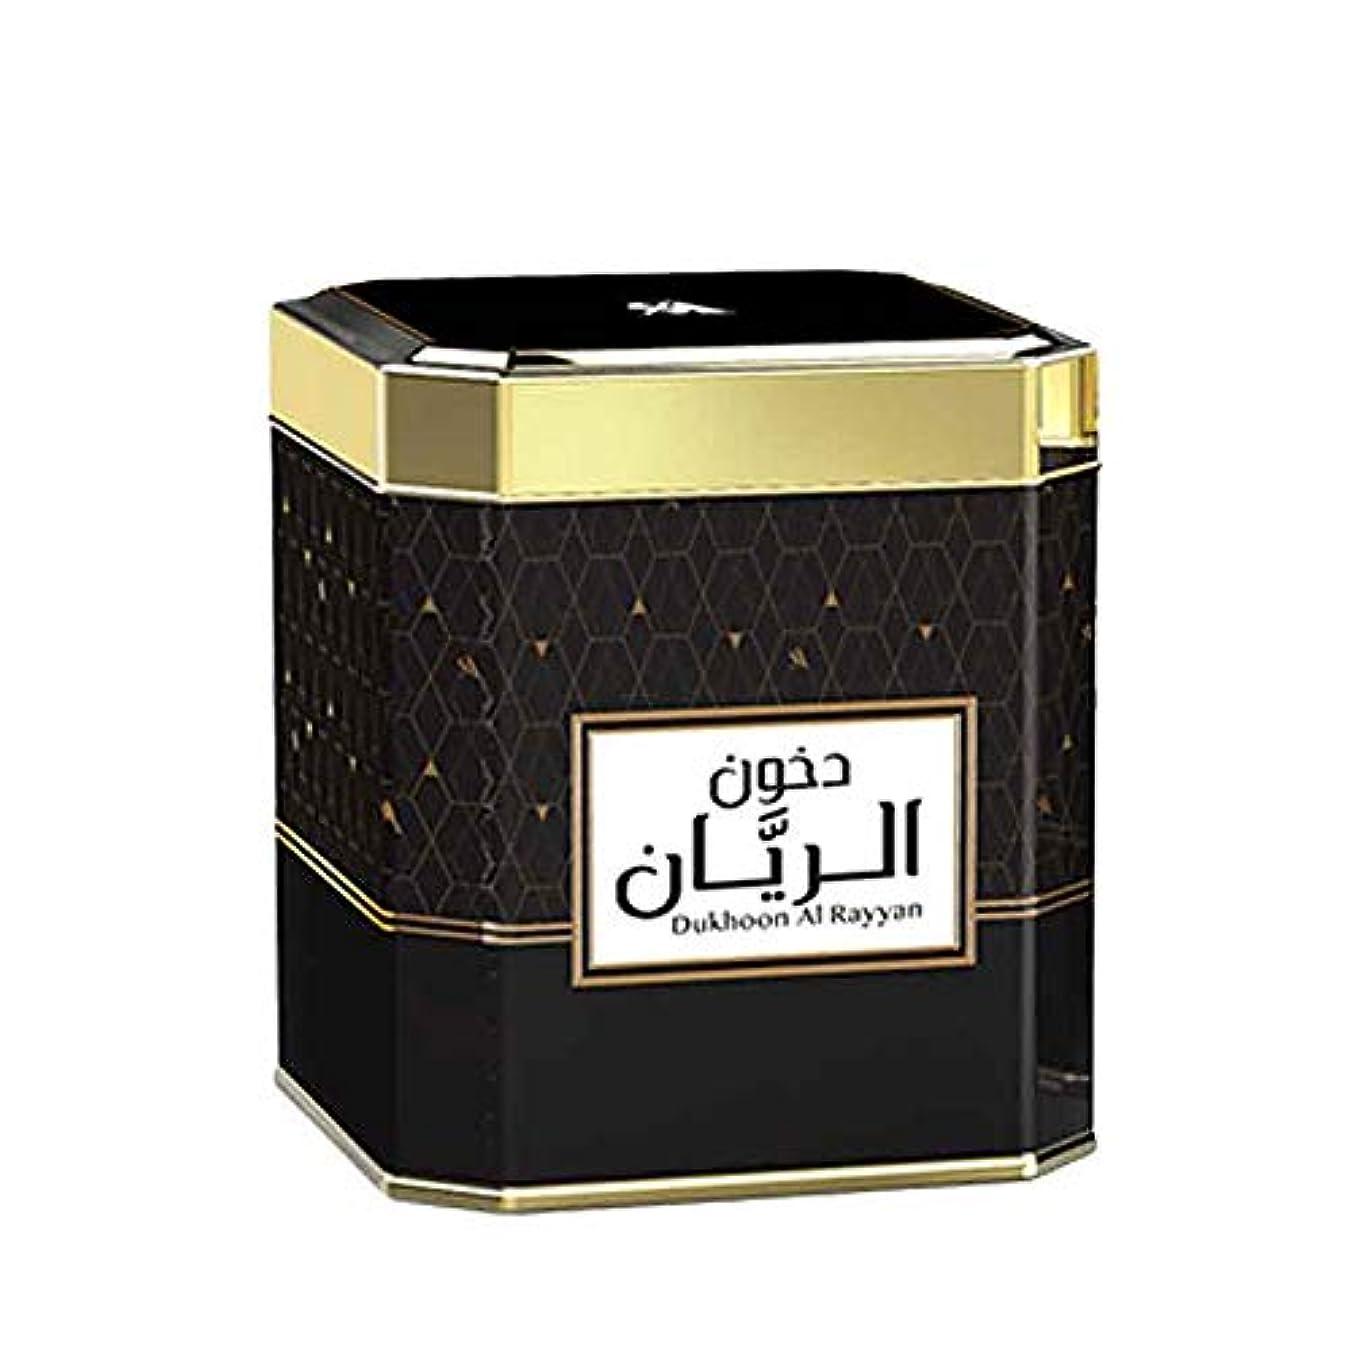 グラス空洞ウォーターフロントスイスアラビアのスイス製ダキタル レイヤン 125gm Bakhoor (お香)